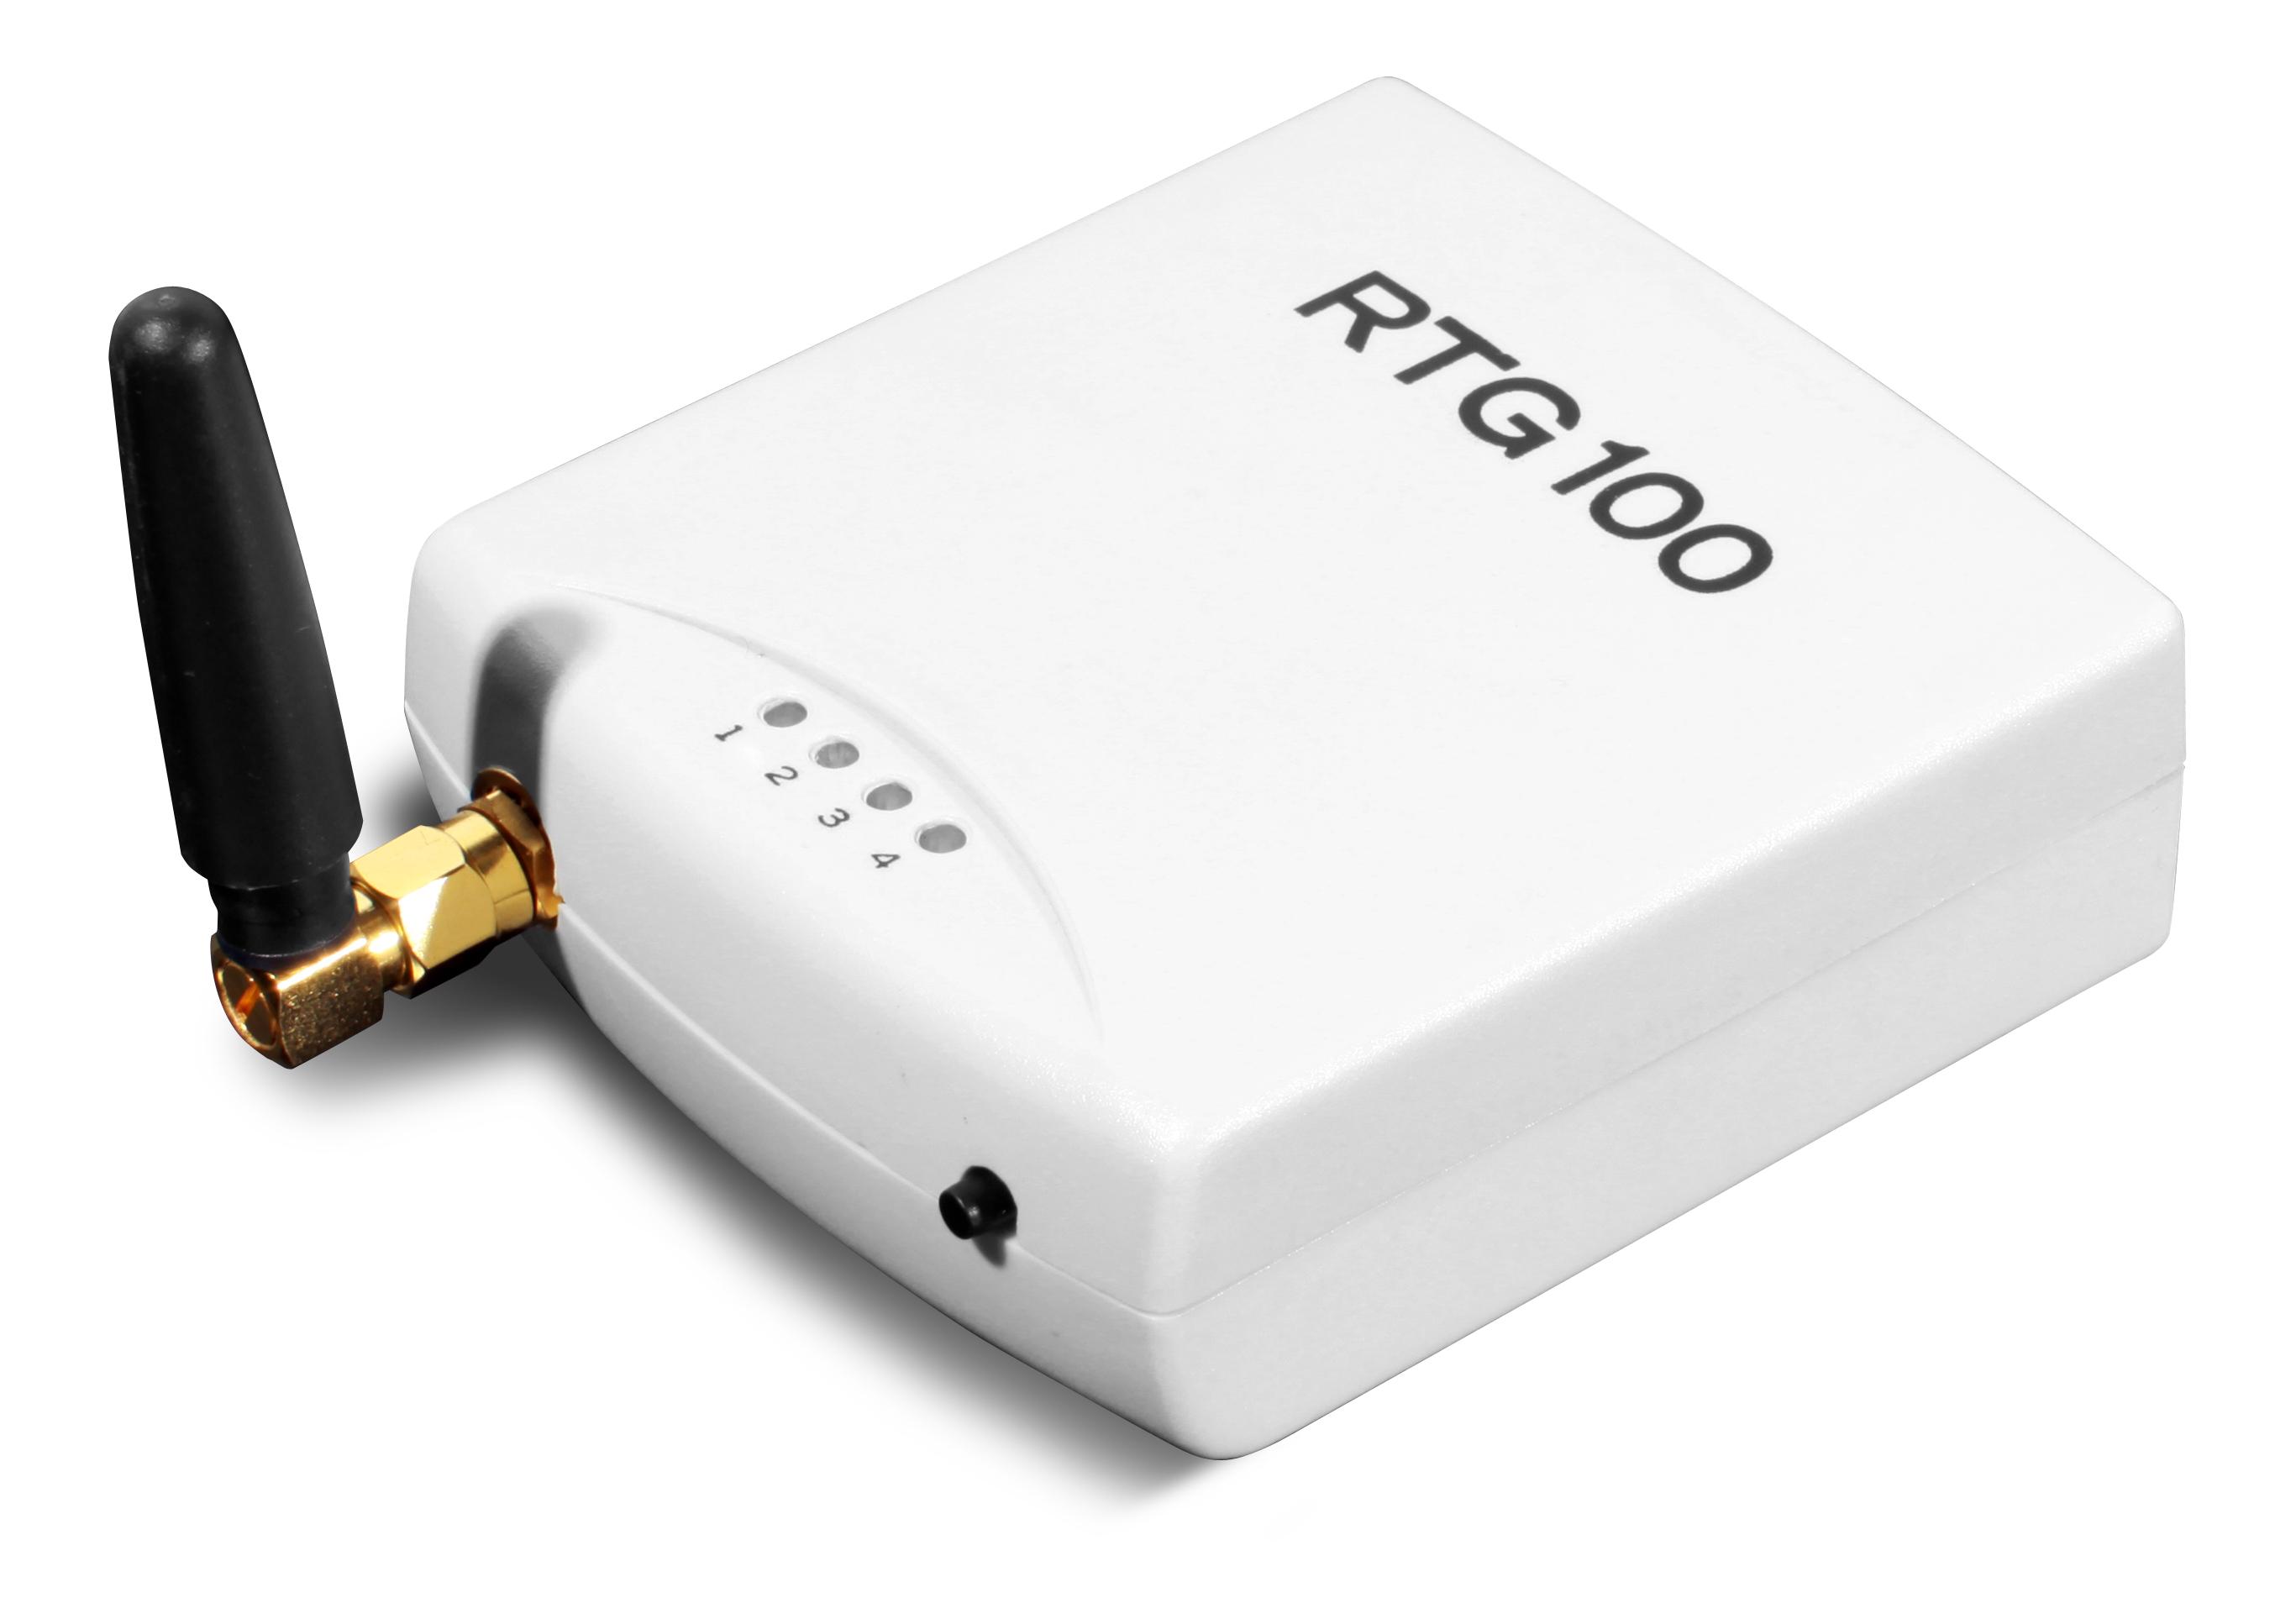 1 Stk GPRS Modem zur USV-Verwaltung über GSM-Mobiltelefonnetz USRTG100--